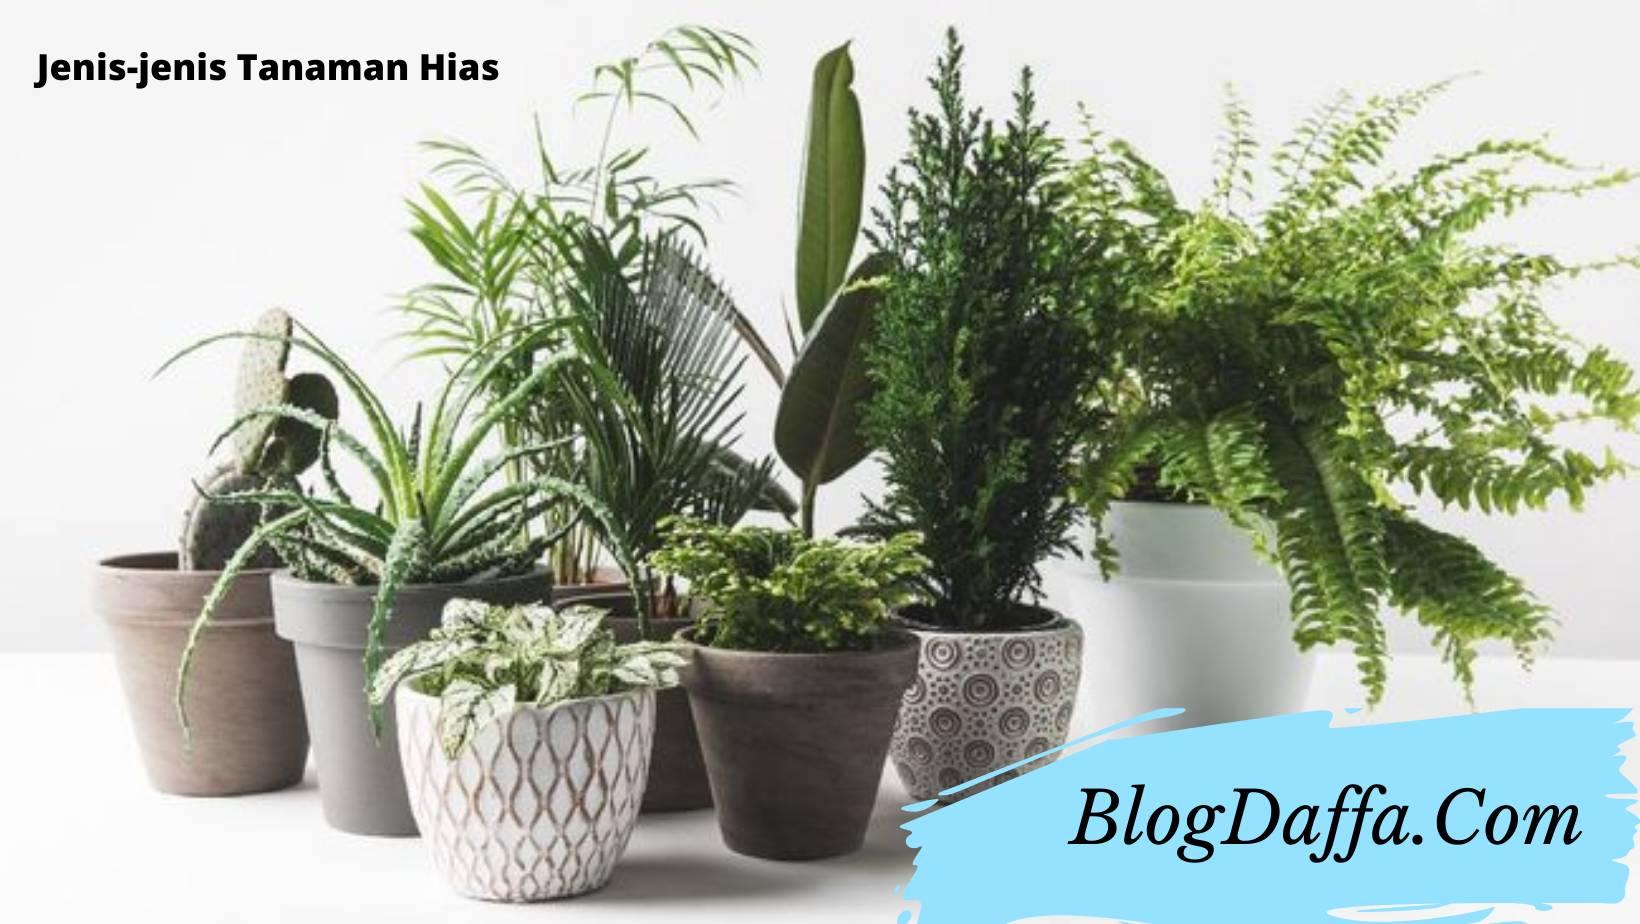 Jenis tanaman hias untuk memperindah rumah